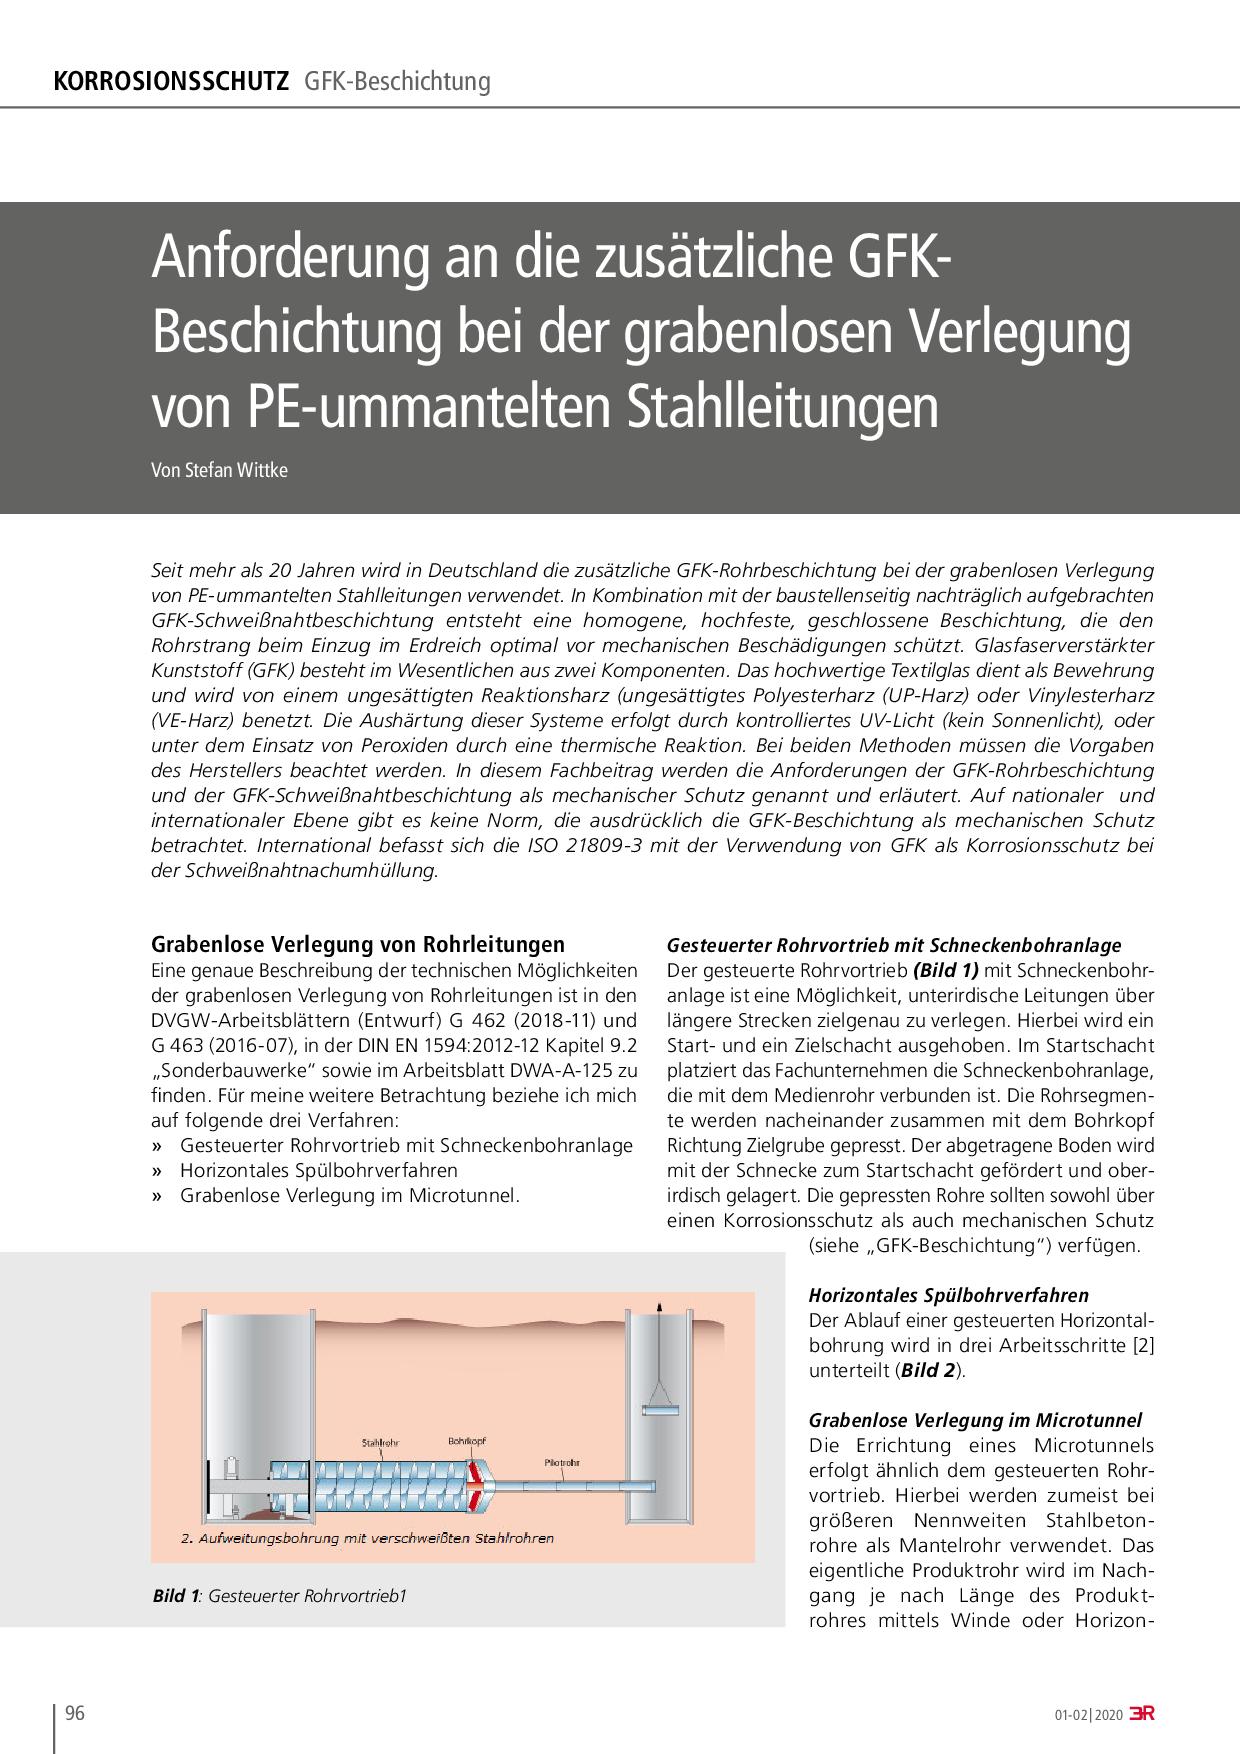 Anforderung an die zusätzliche GFK-Beschichtung bei der grabenlosen Verlegung von PE-ummantelten Stahlleitungen